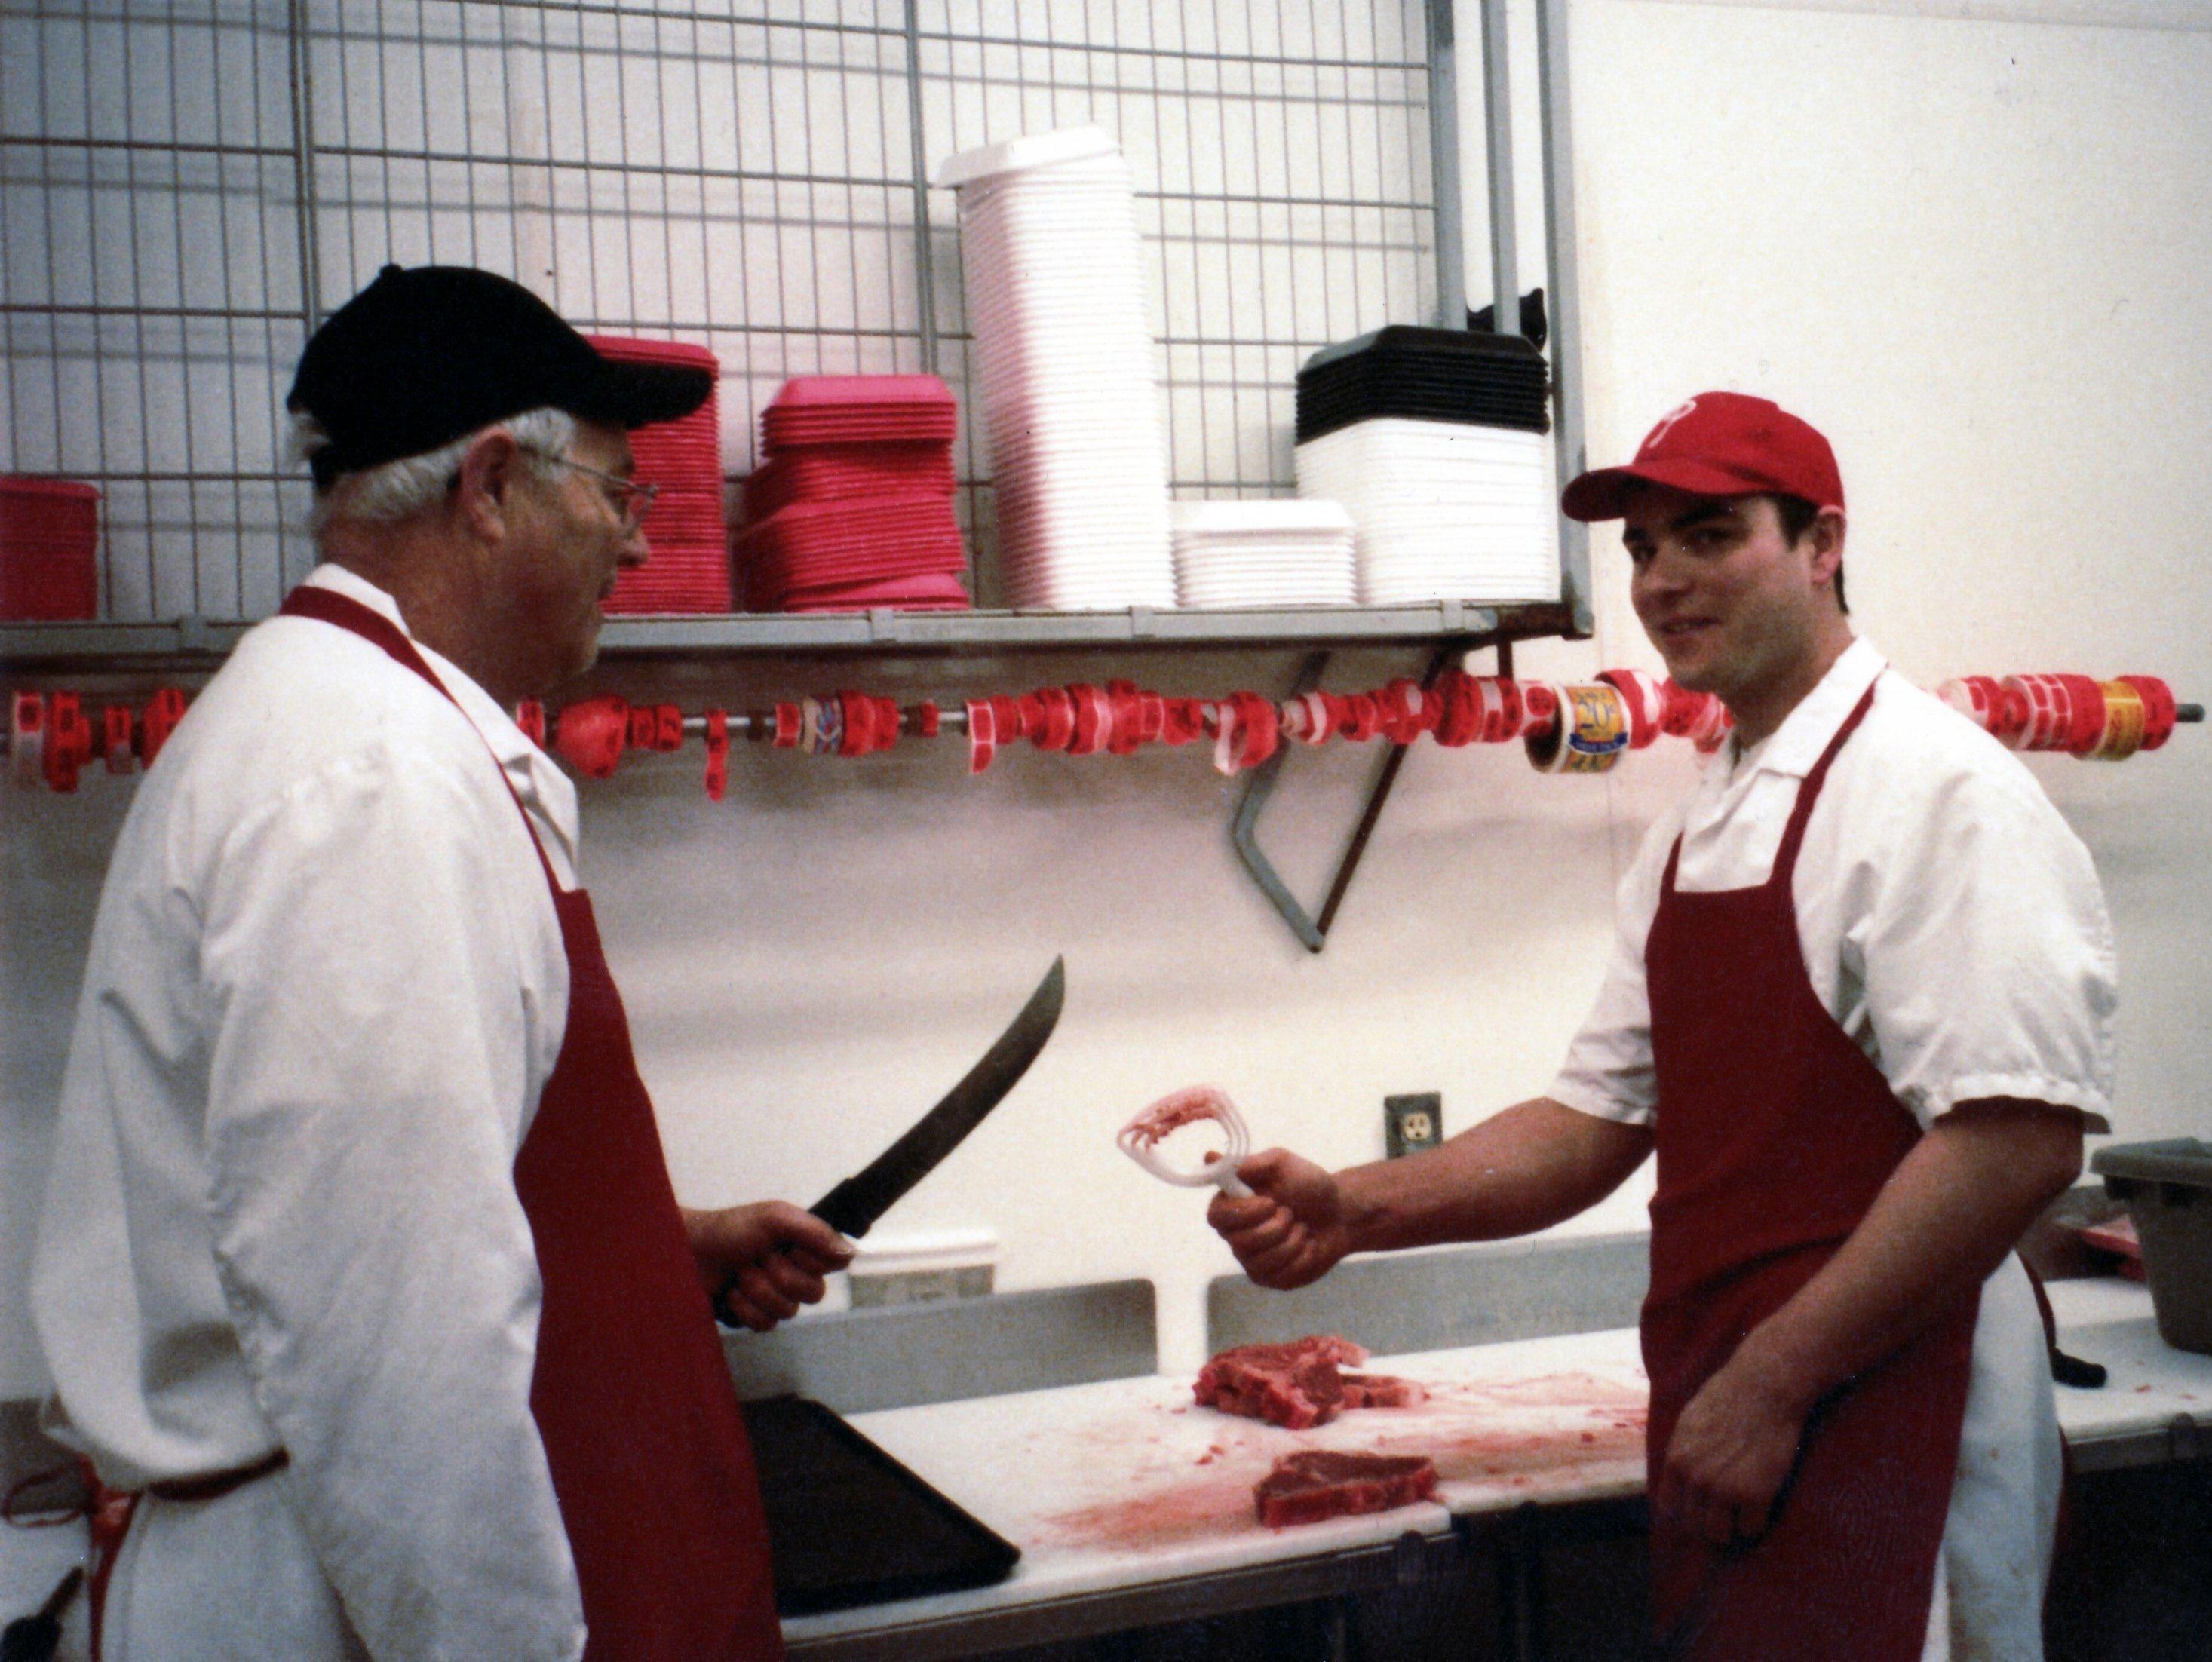 Ptacek IGA meat counter, Mike Ptacek and son Ralph Ptacek